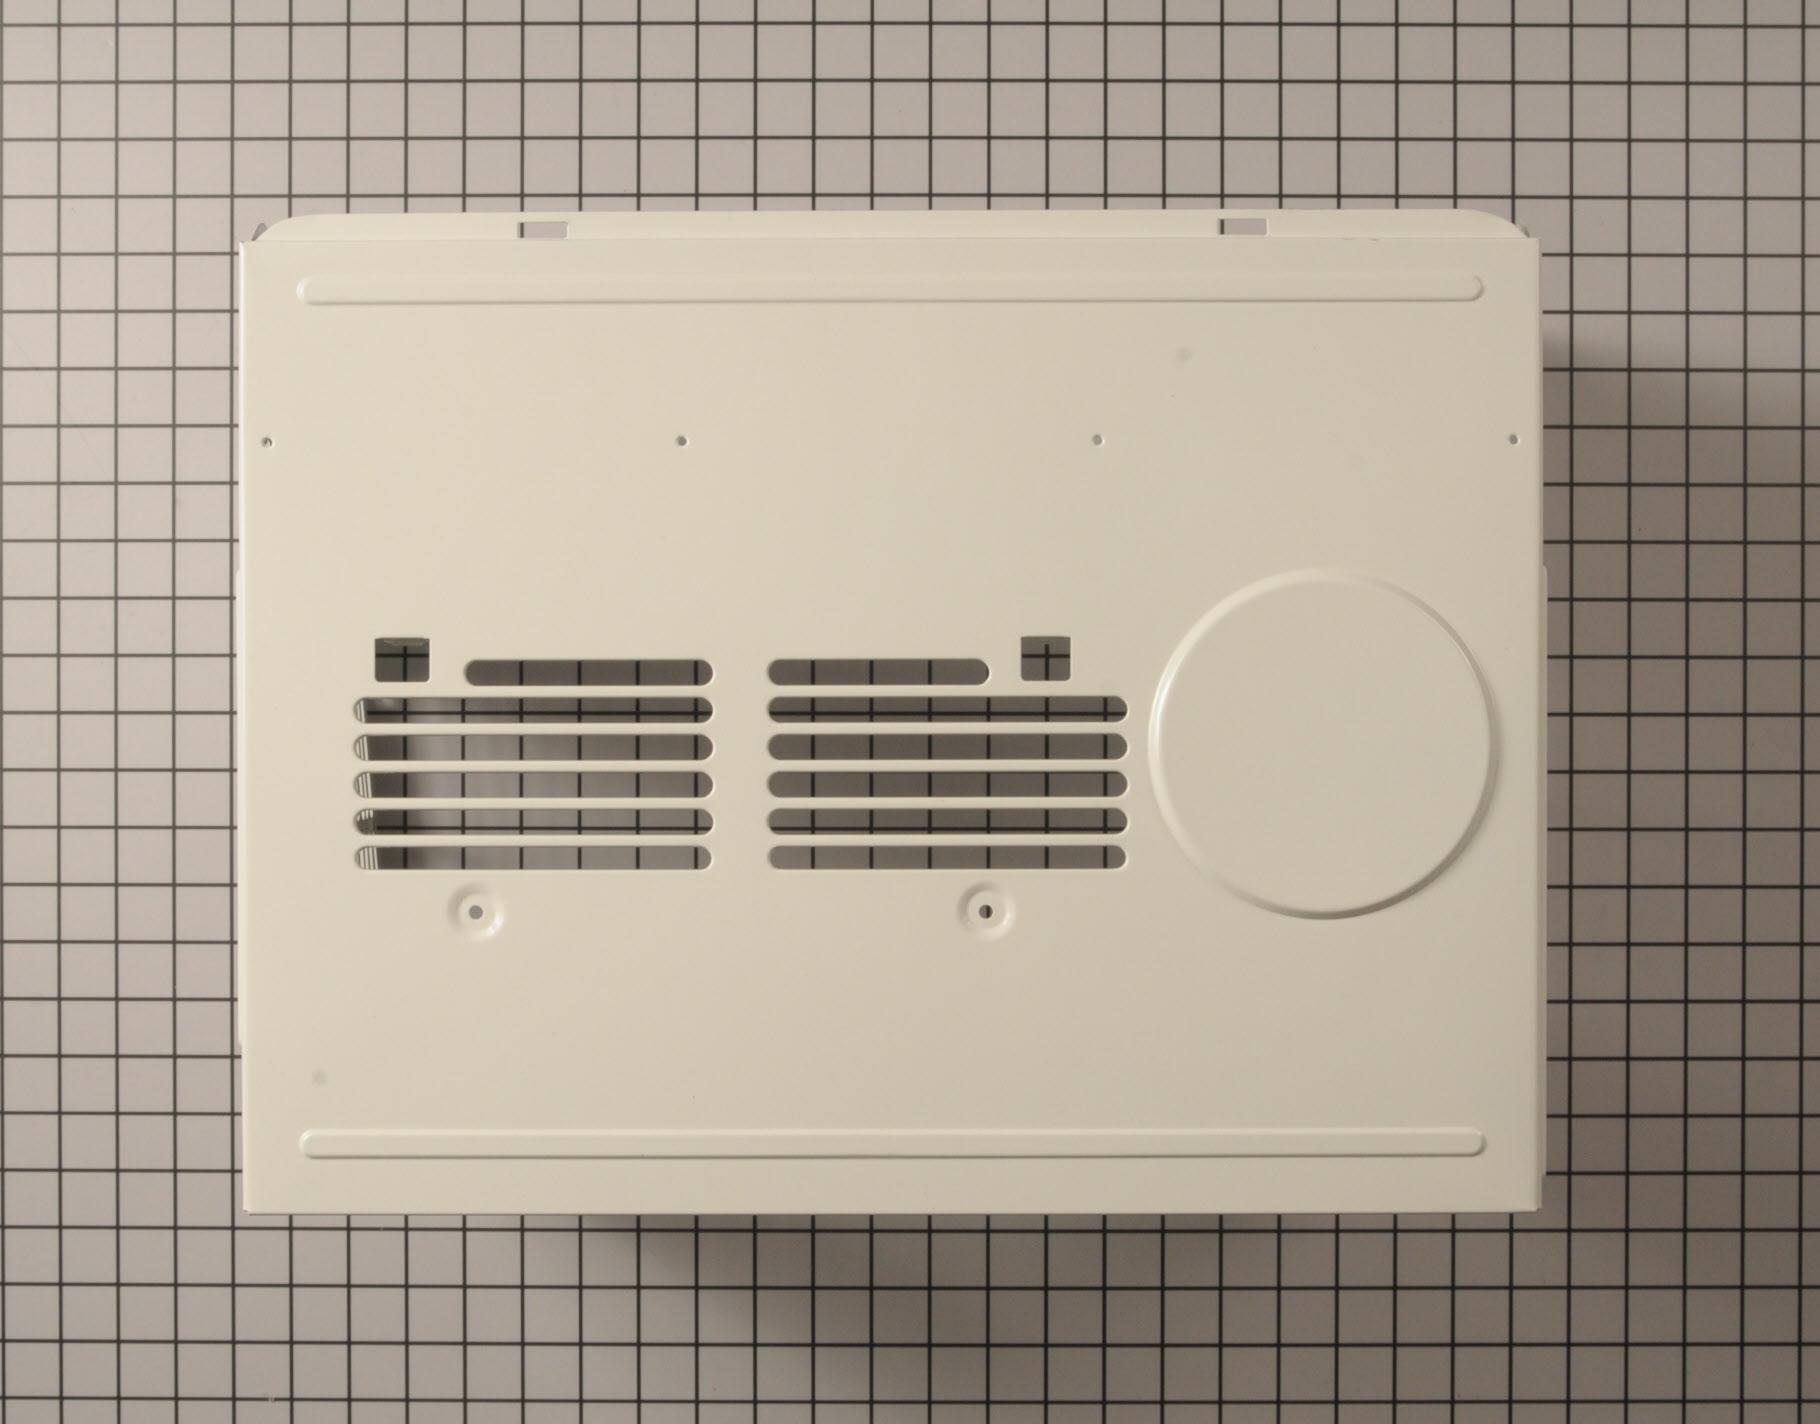 Frigidaire Air Conditioner Part # 5304495916 - Housing